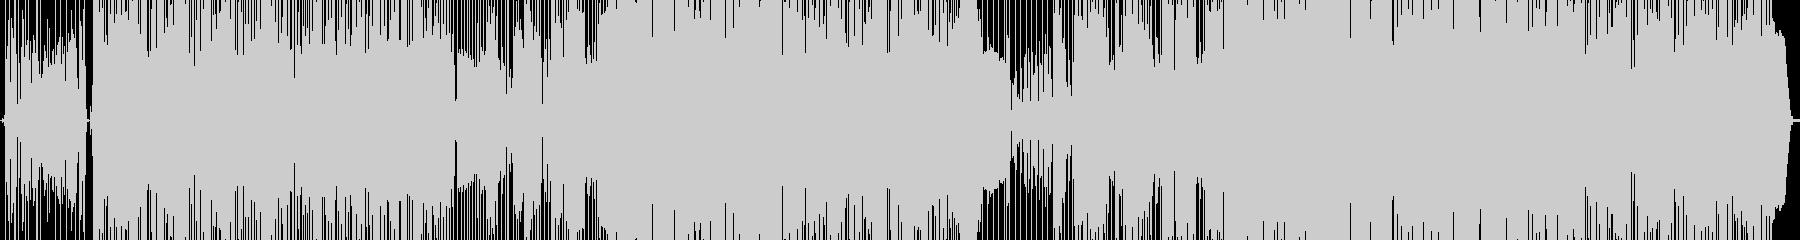 ベーススラップでのロックインストBGMの未再生の波形